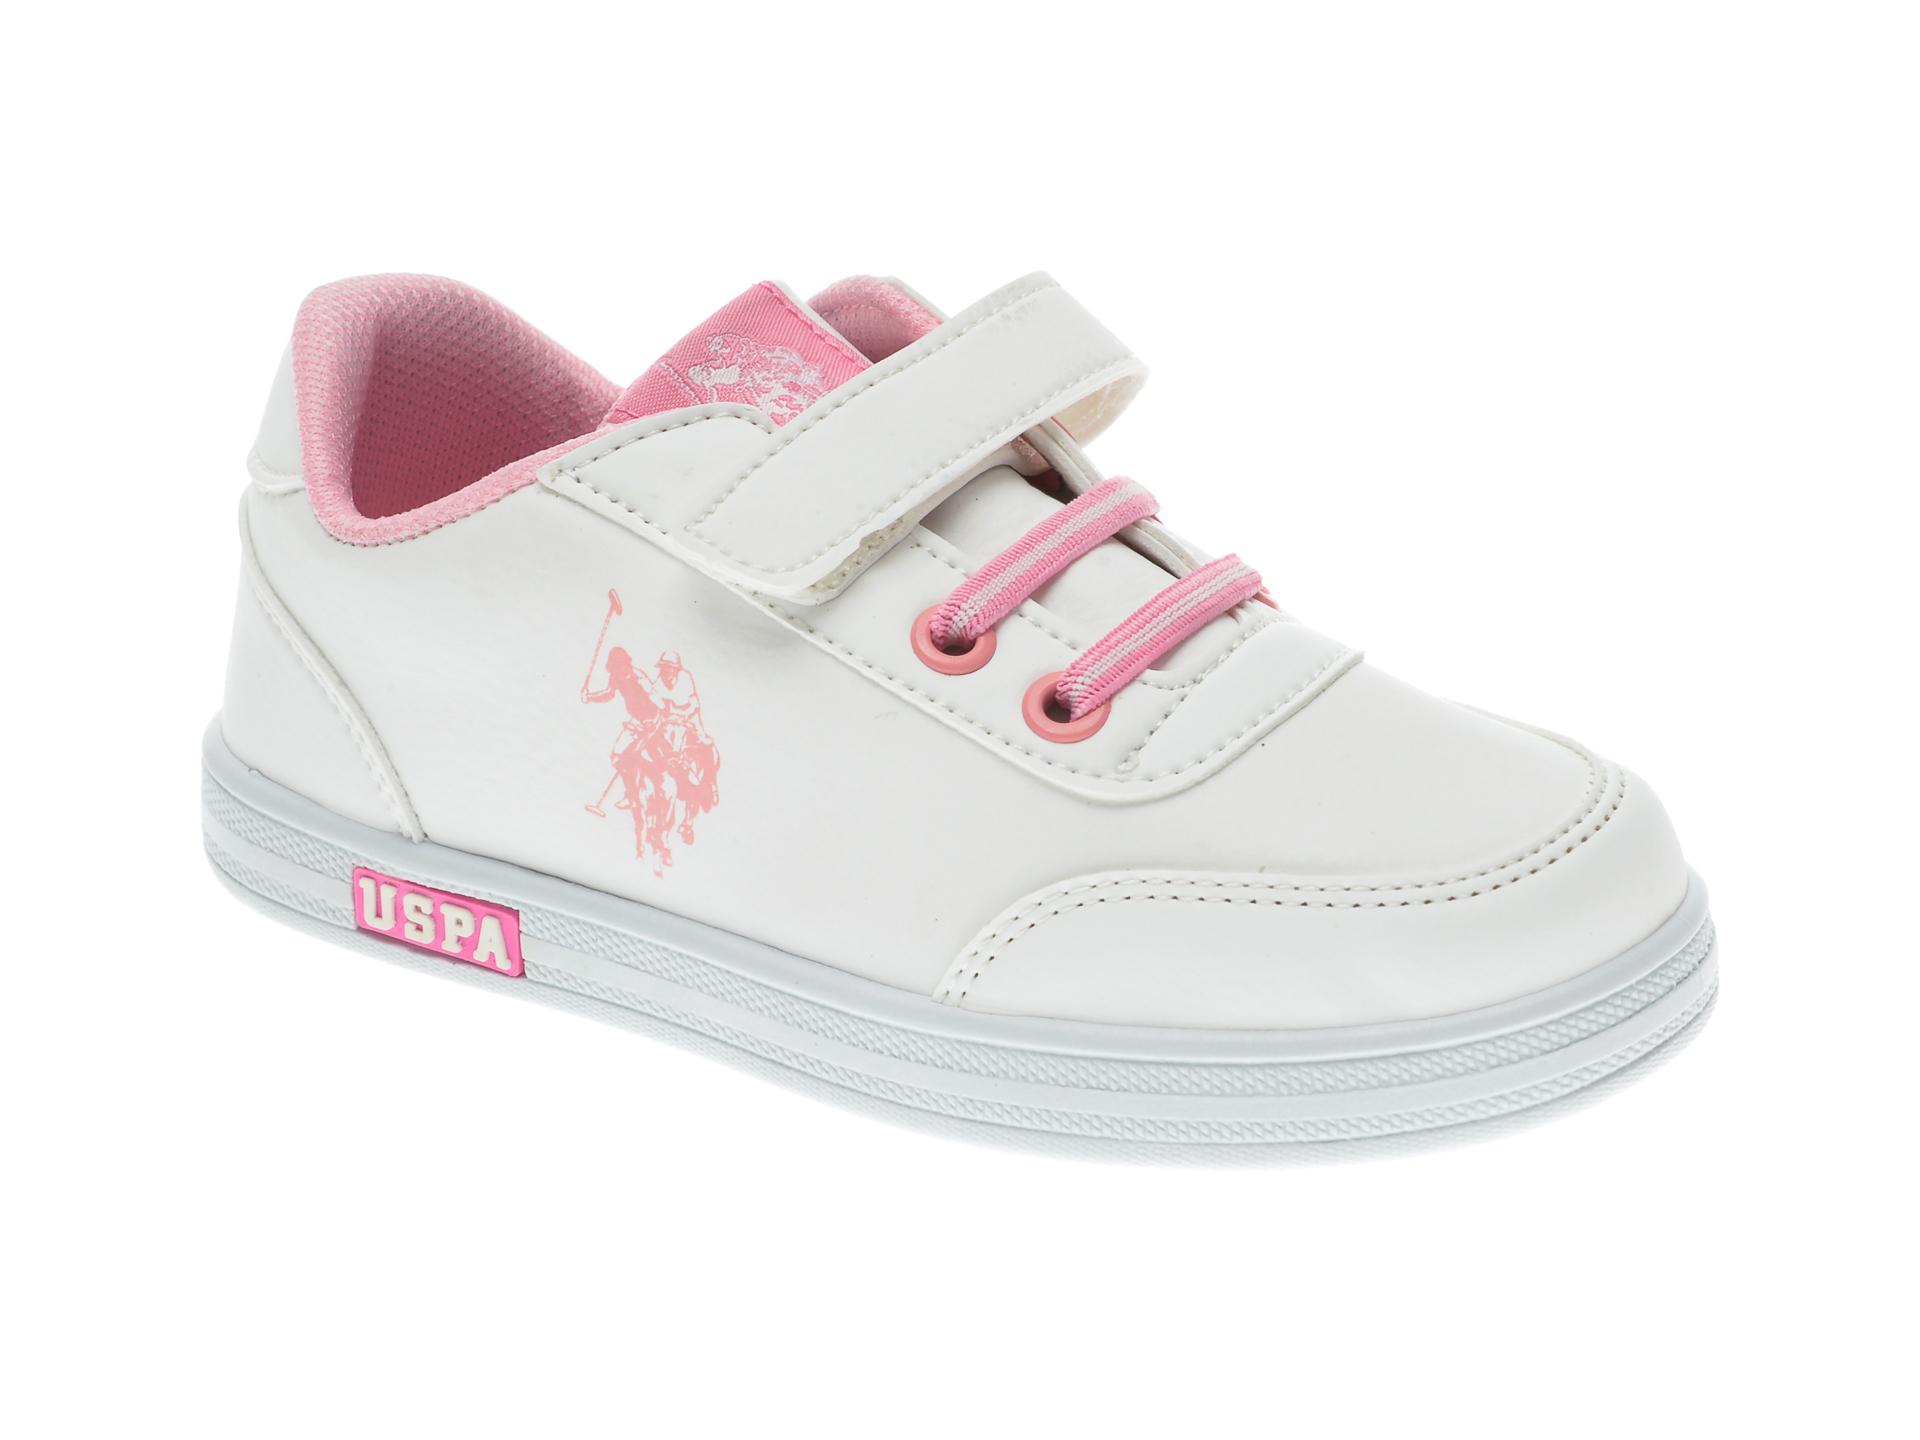 Pantofi sport US POLO ASSN albi, 567969, din piele ecologica imagine